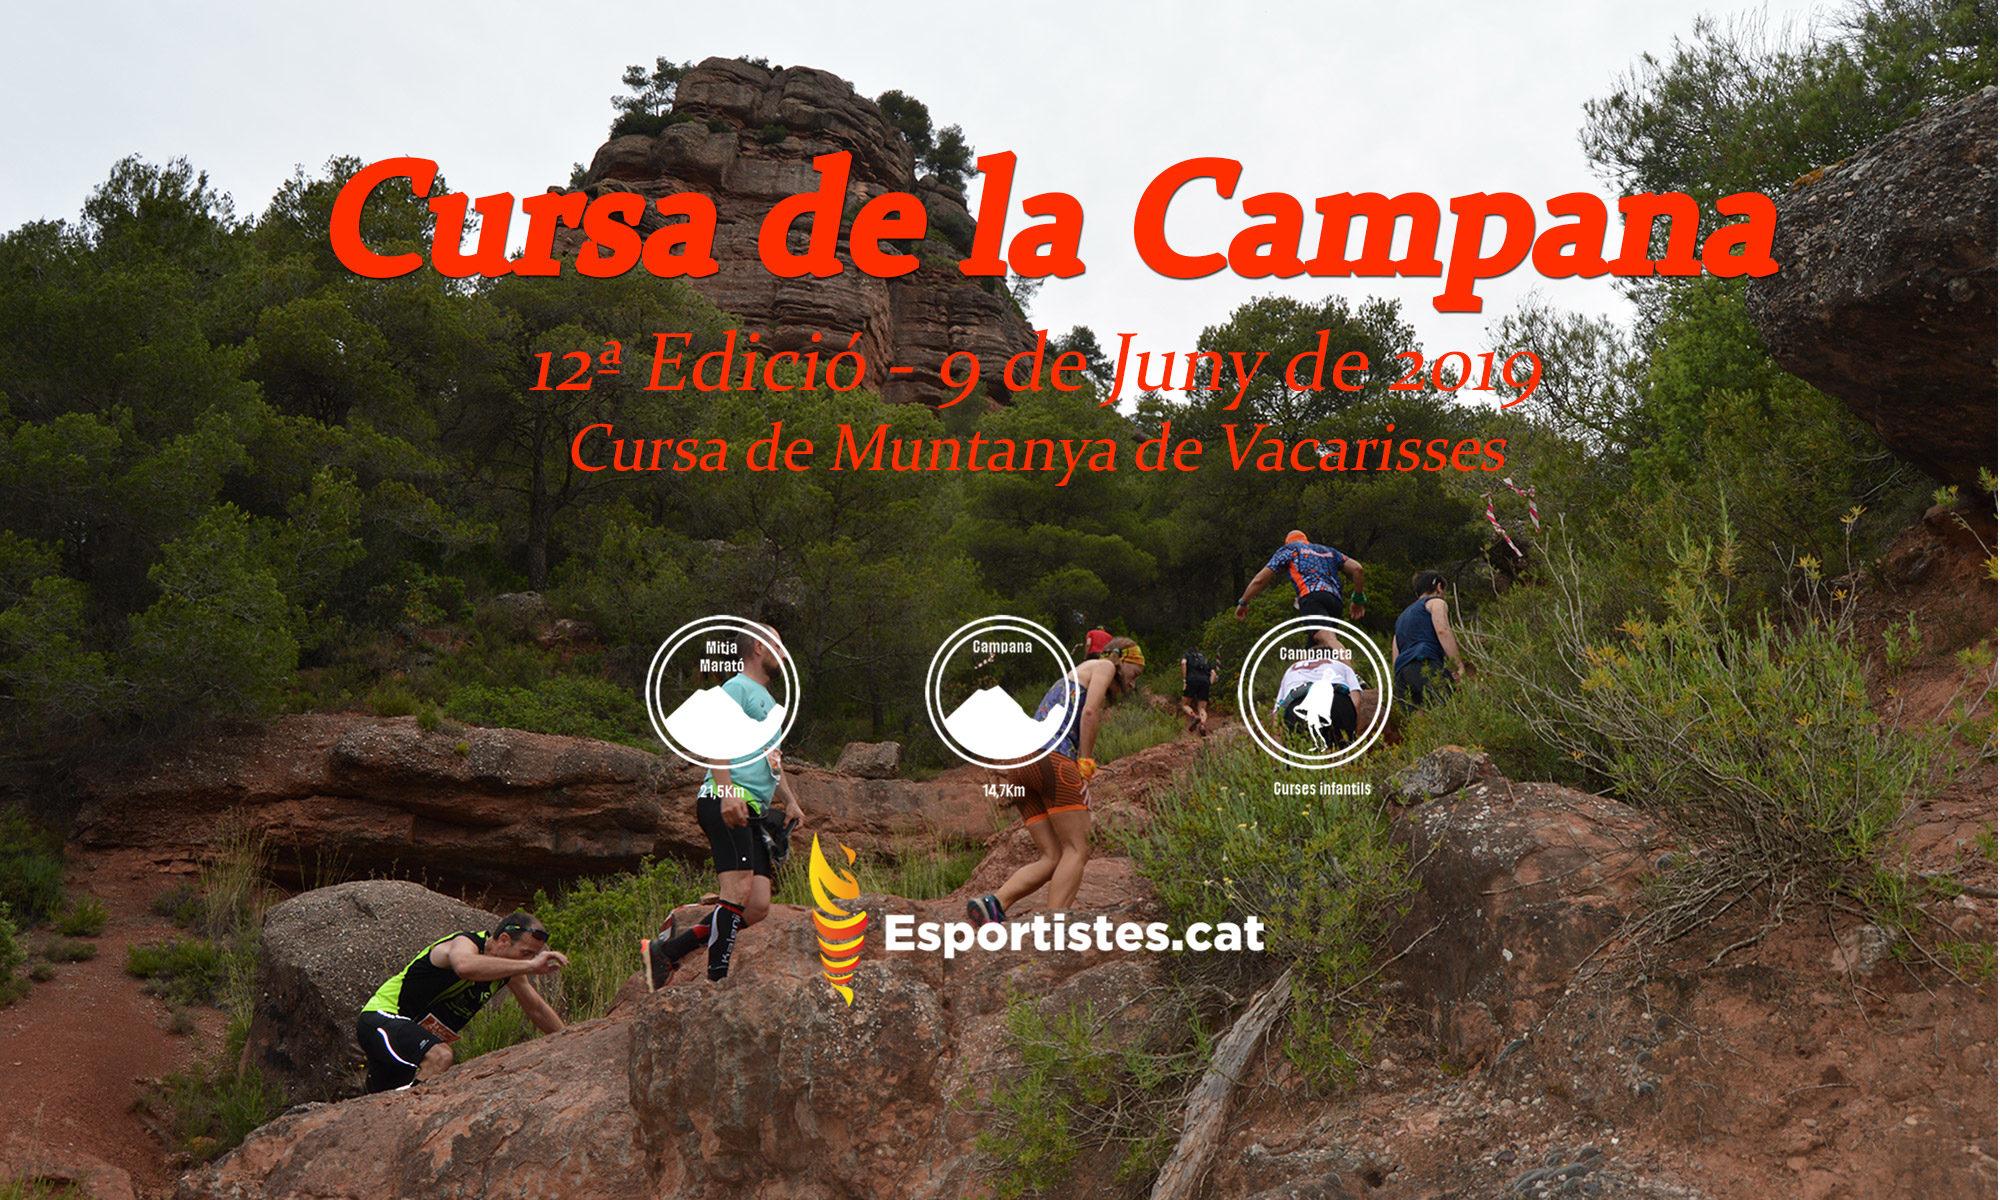 Cursa de La Campana